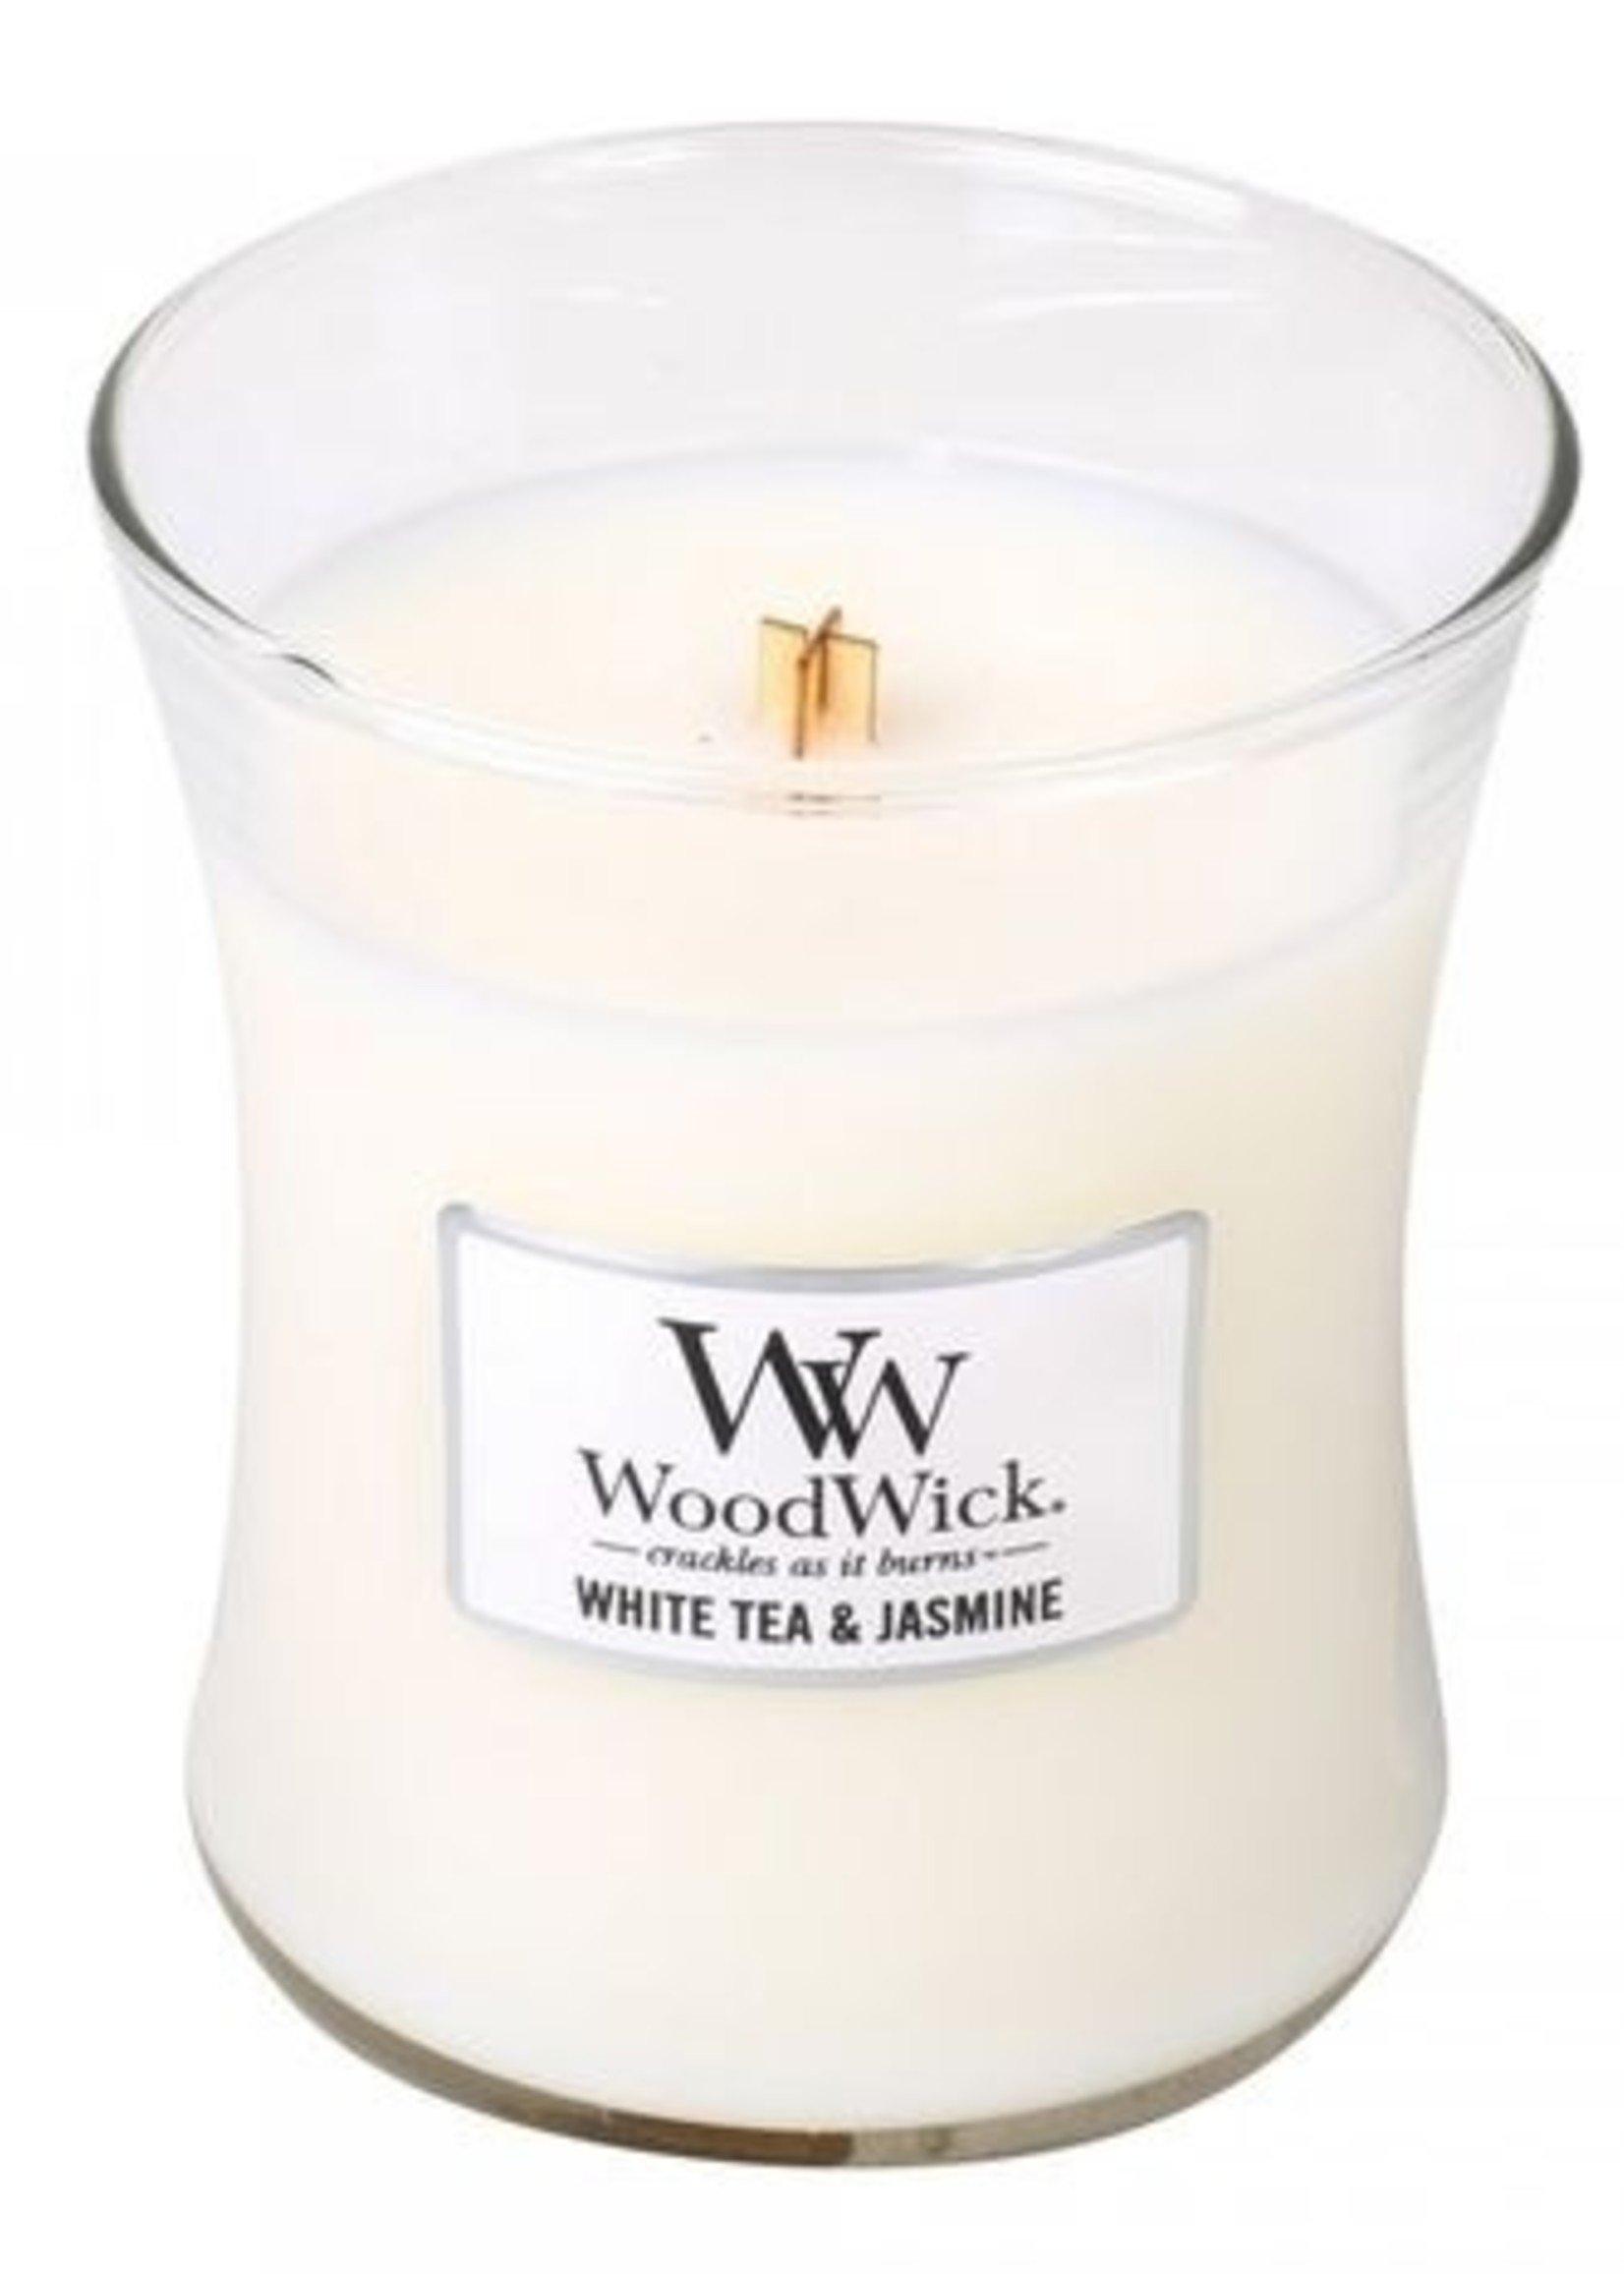 White Tea & Jasmine Medium